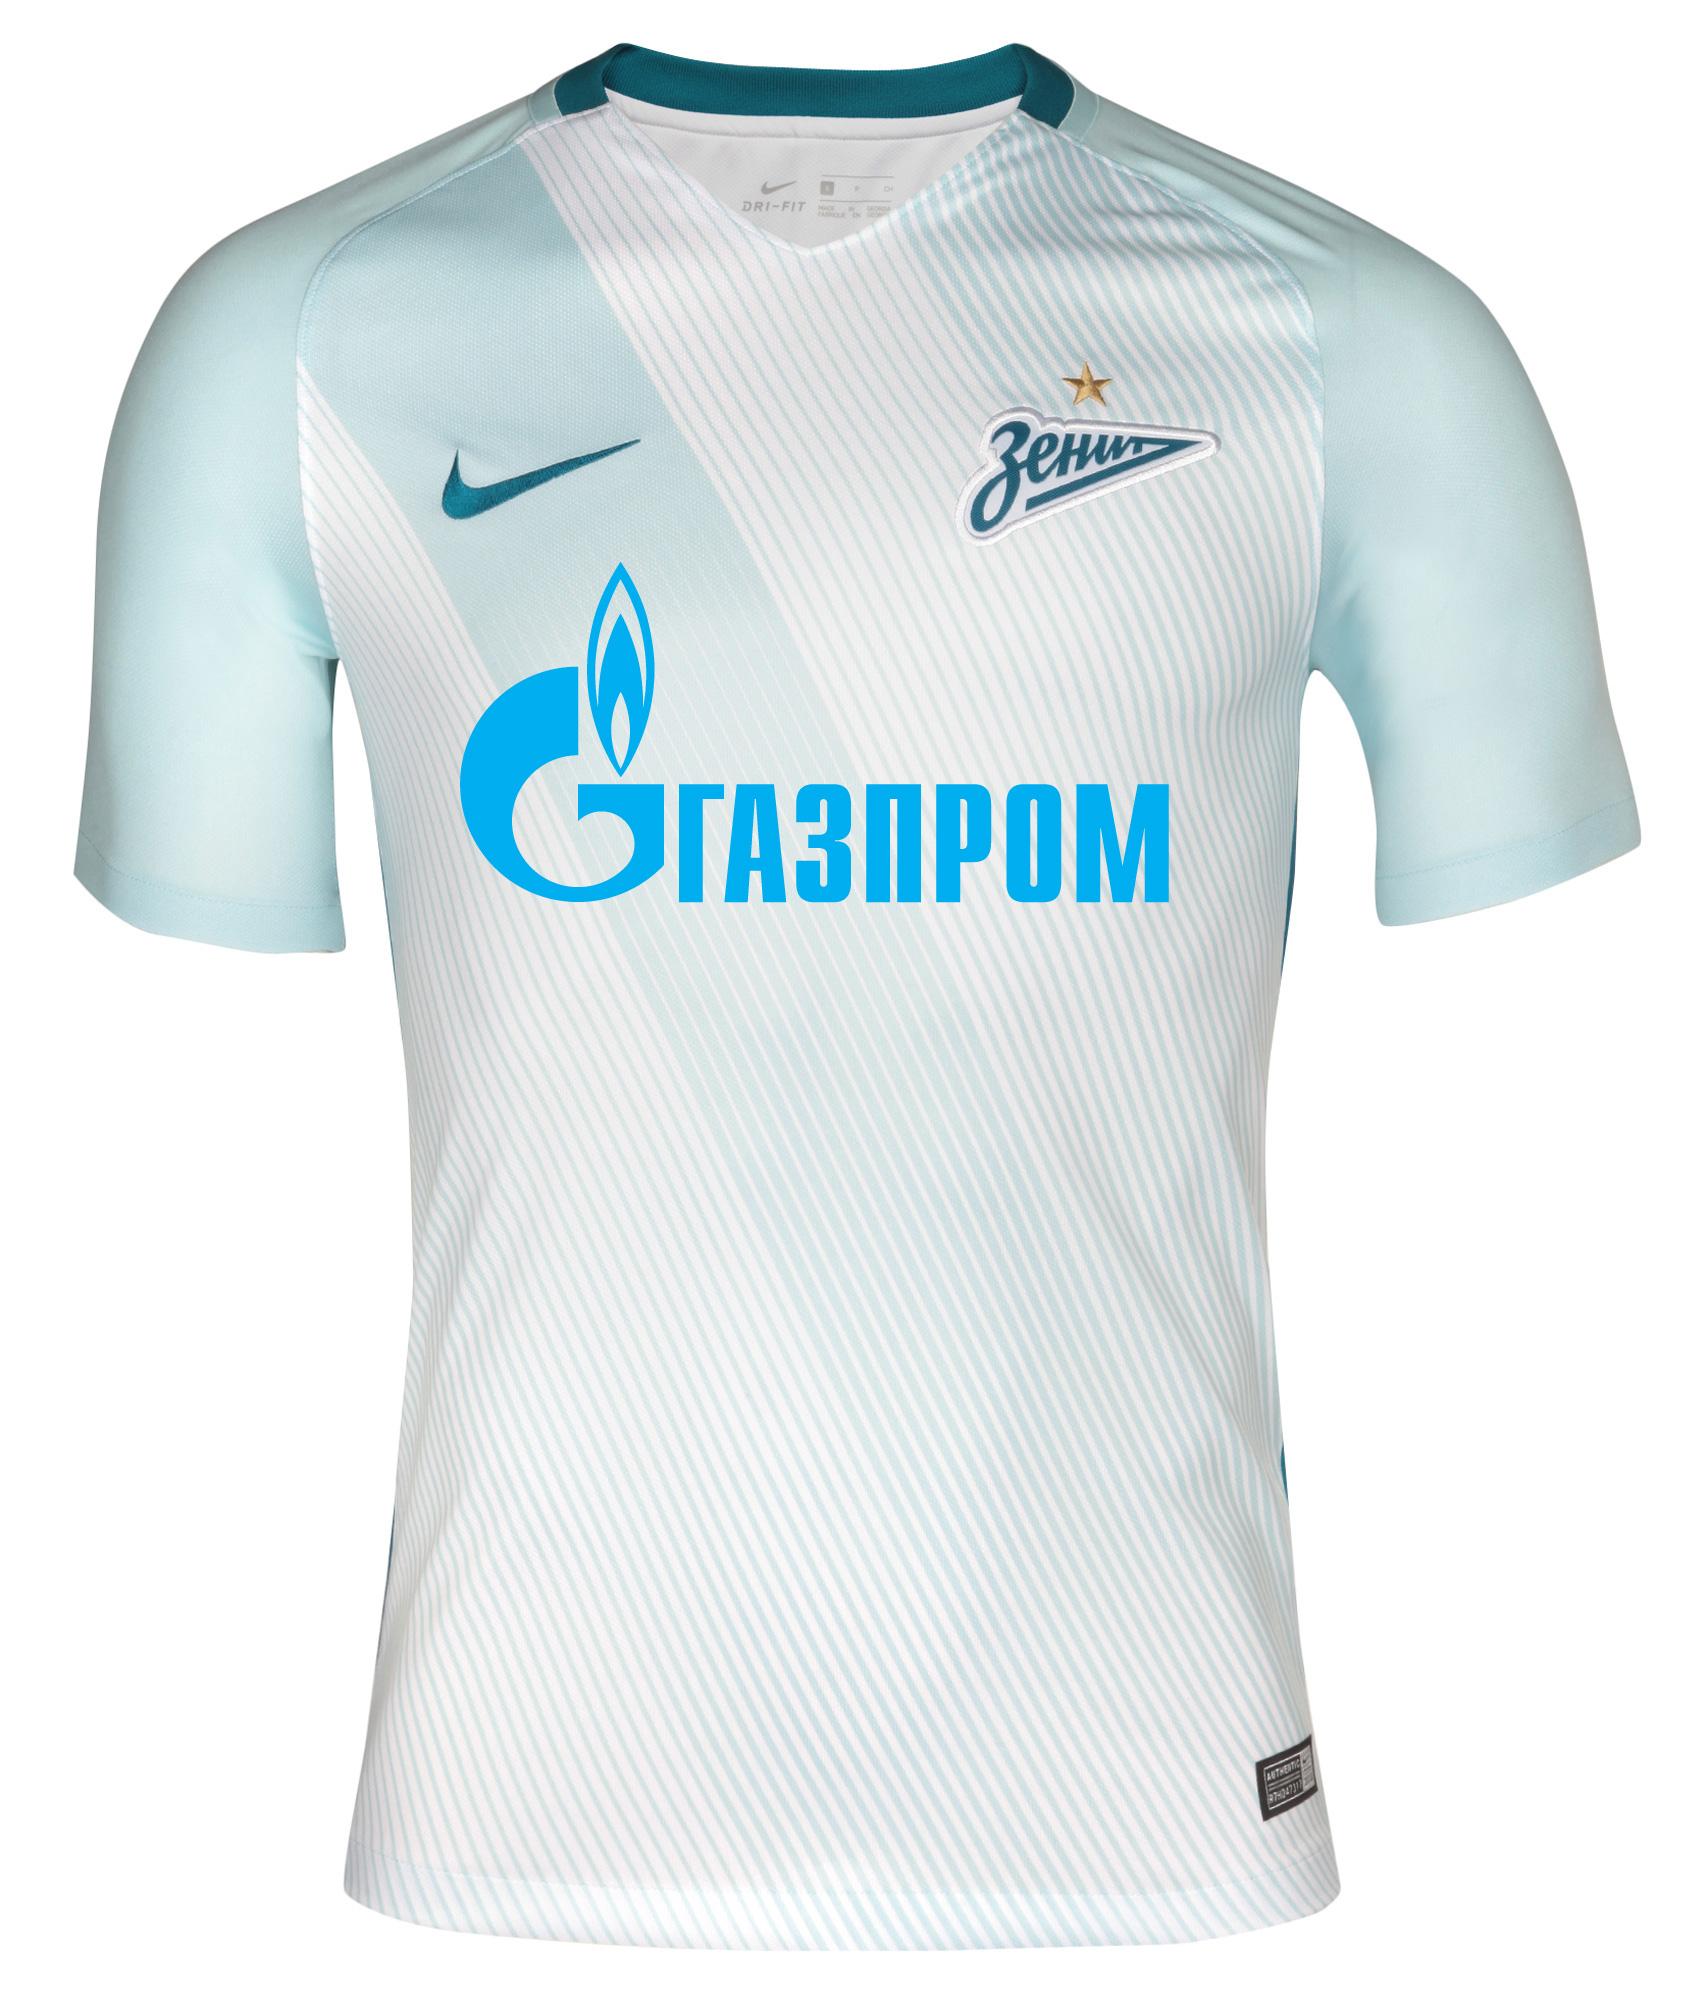 Игровая выездная футболка, Цвет-Белый, Размер-L игровая выездная футболка цвет белый размер l